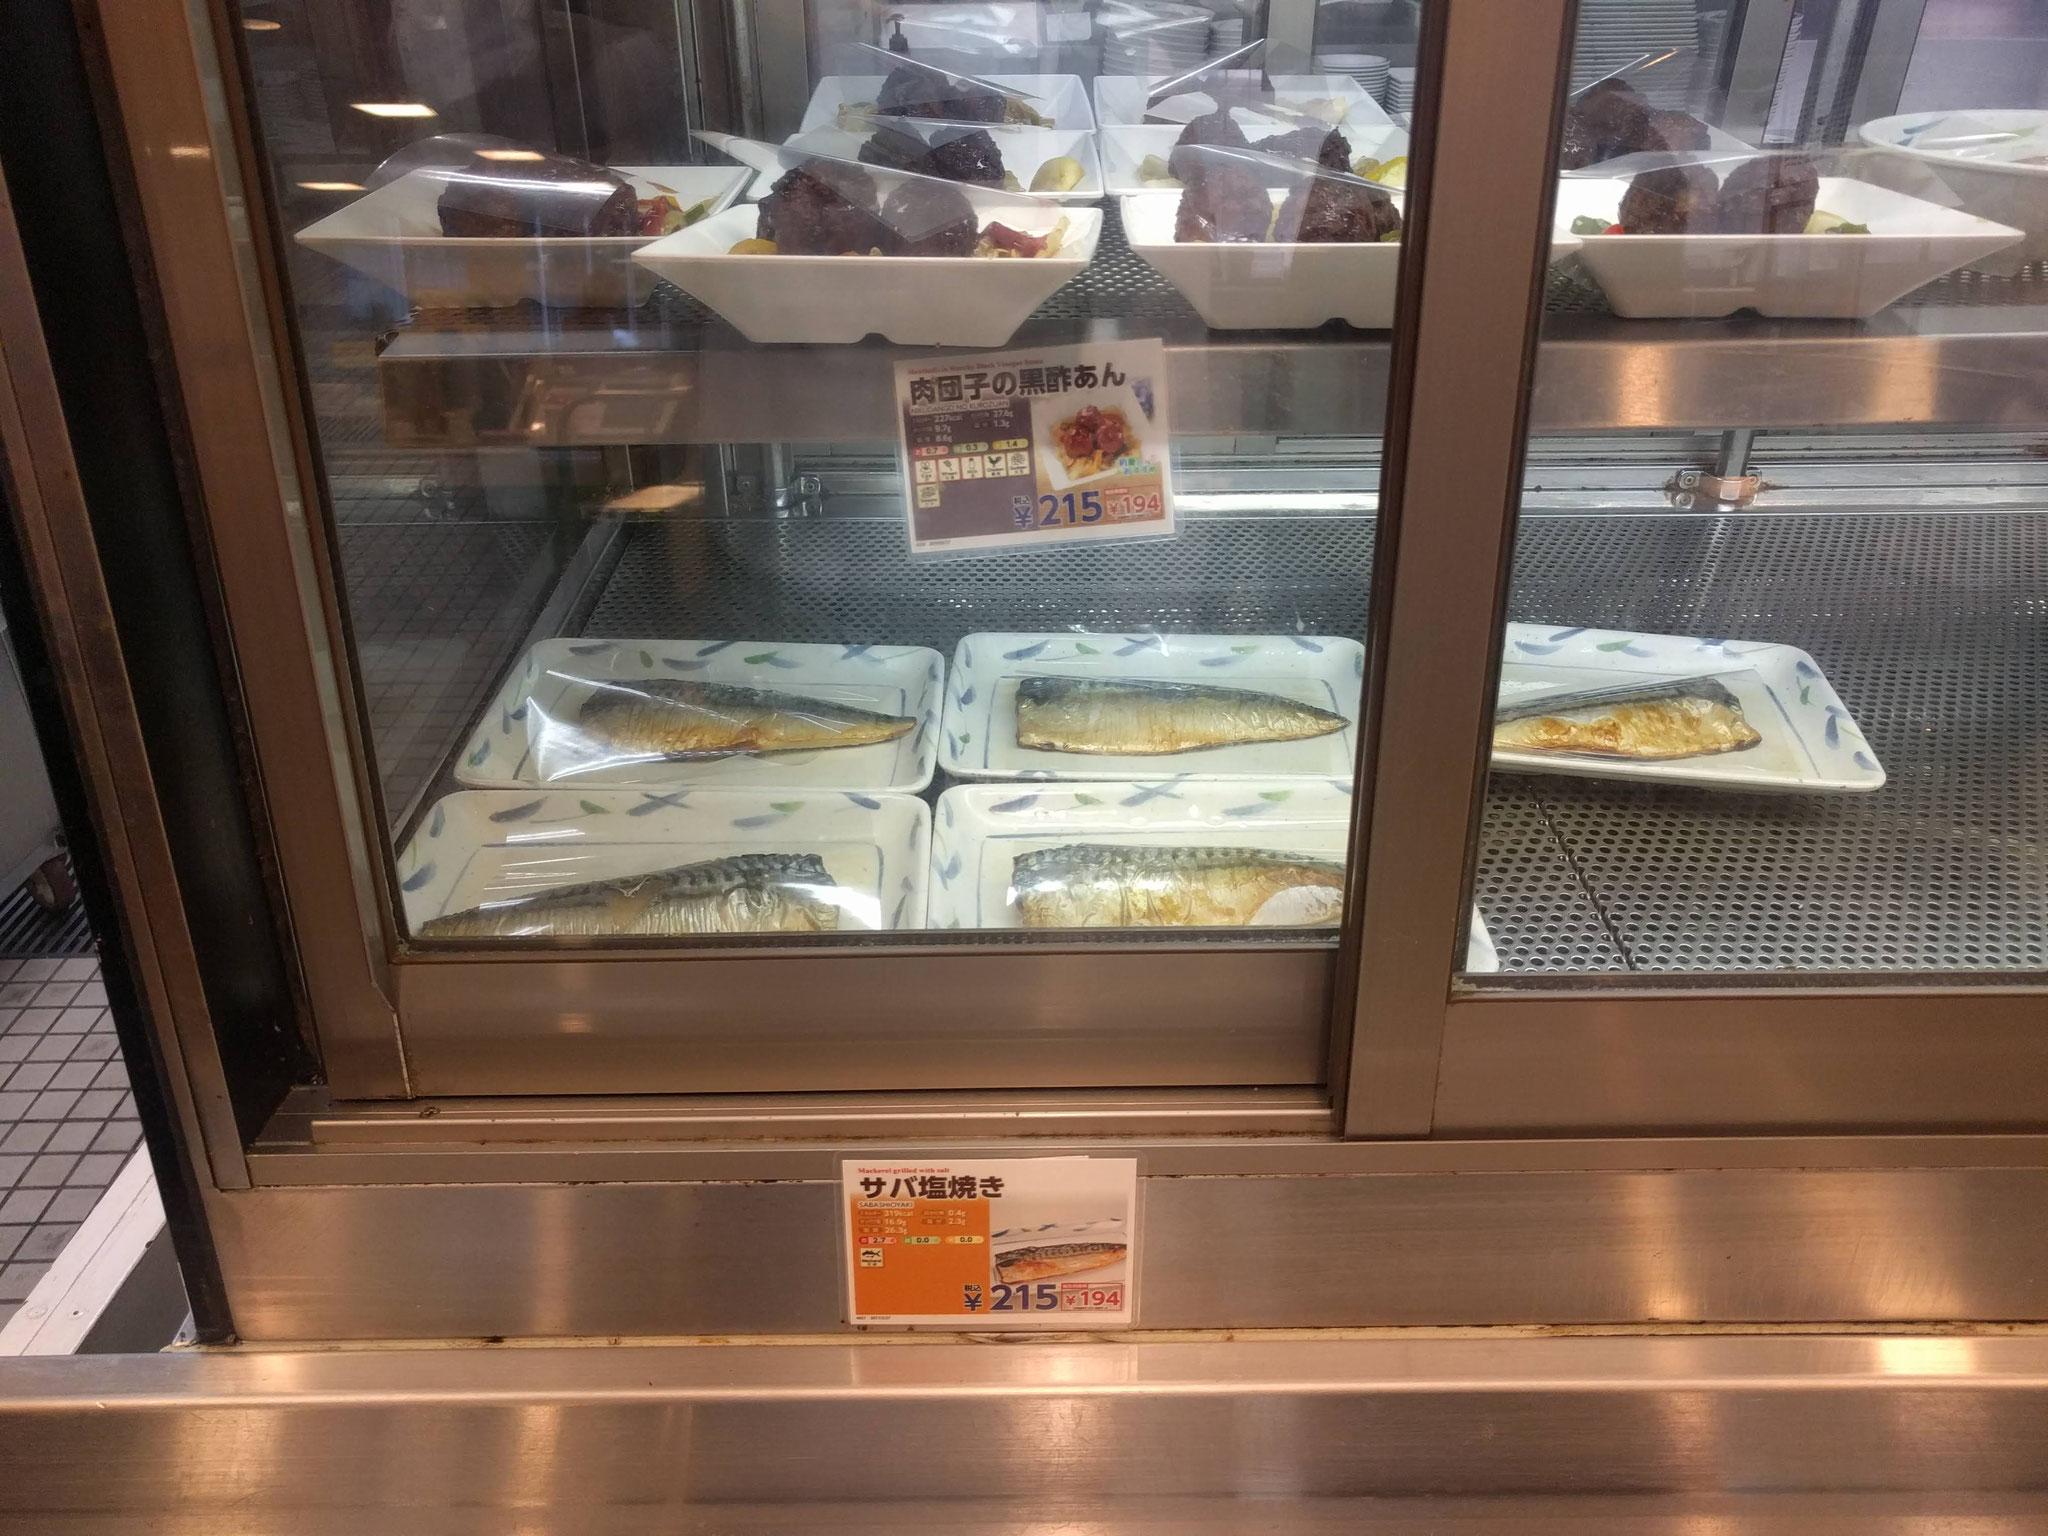 鯖の塩焼きもムスリム留学生の定番と聞きます